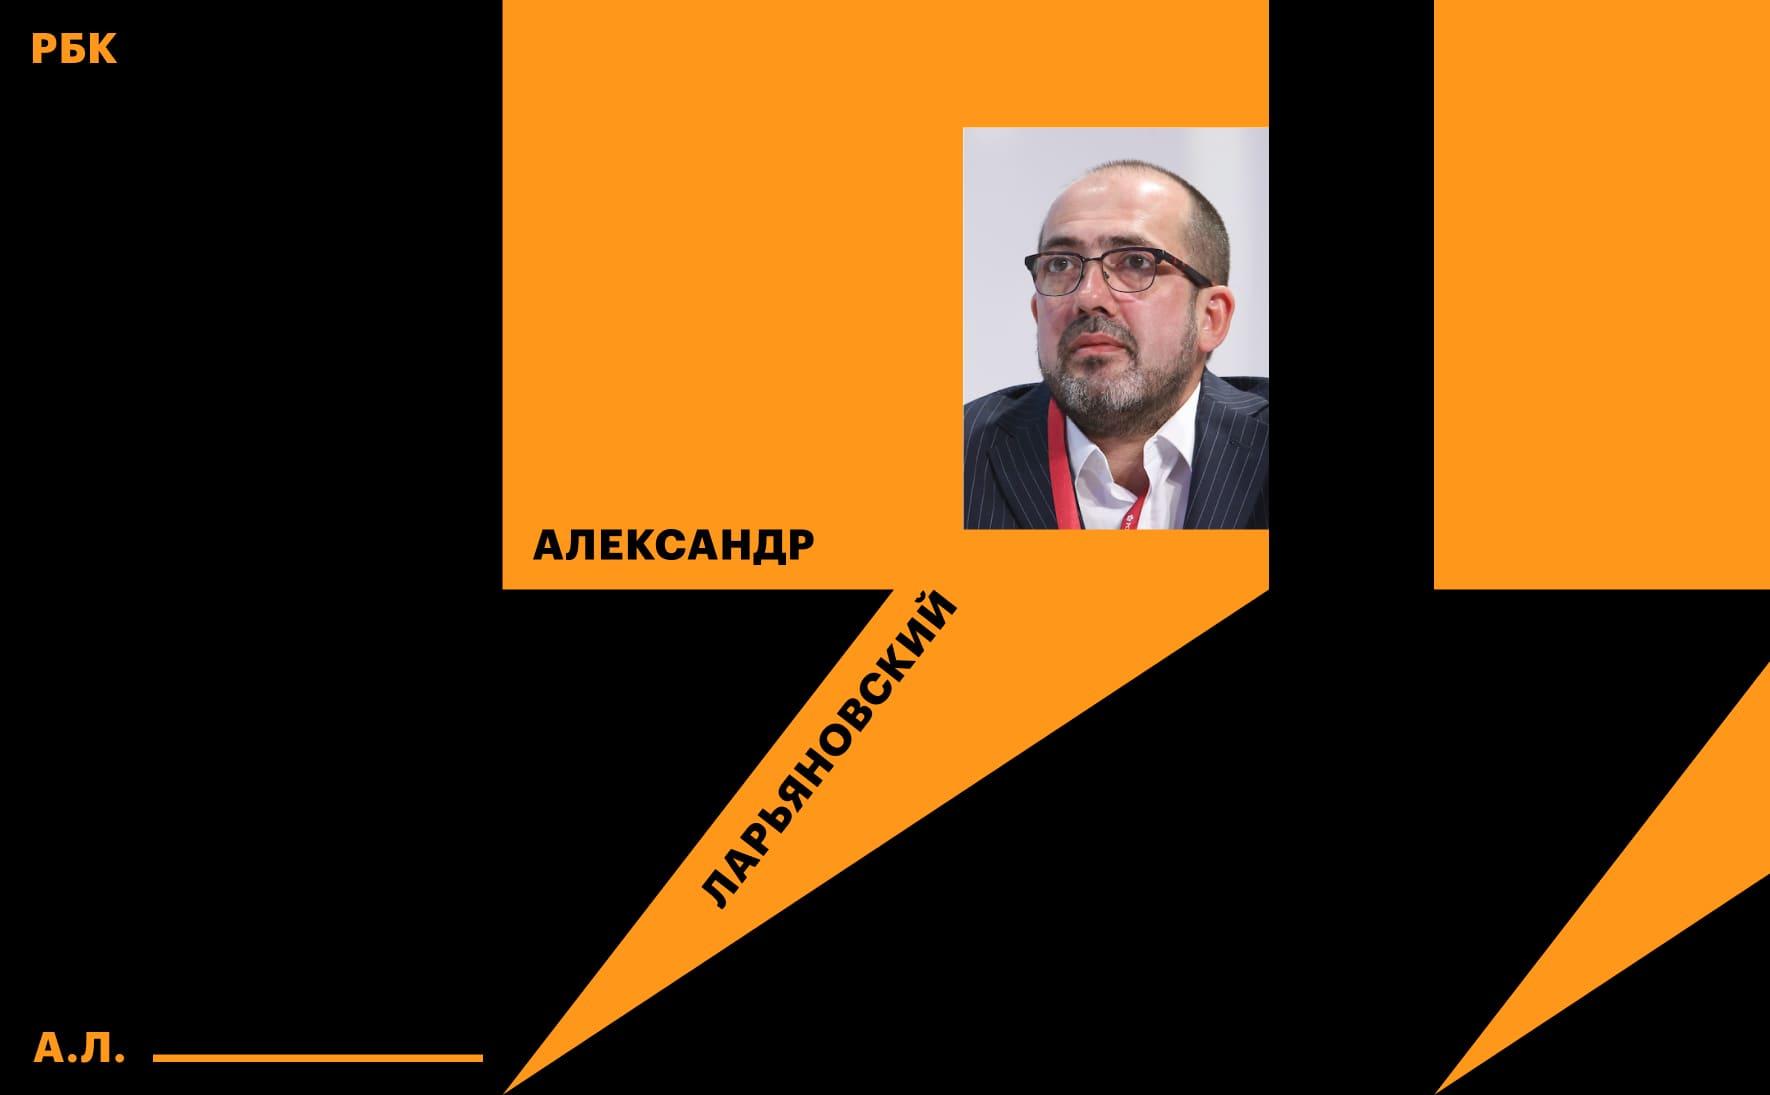 Фото: Илья Смирнов / Росконгресс